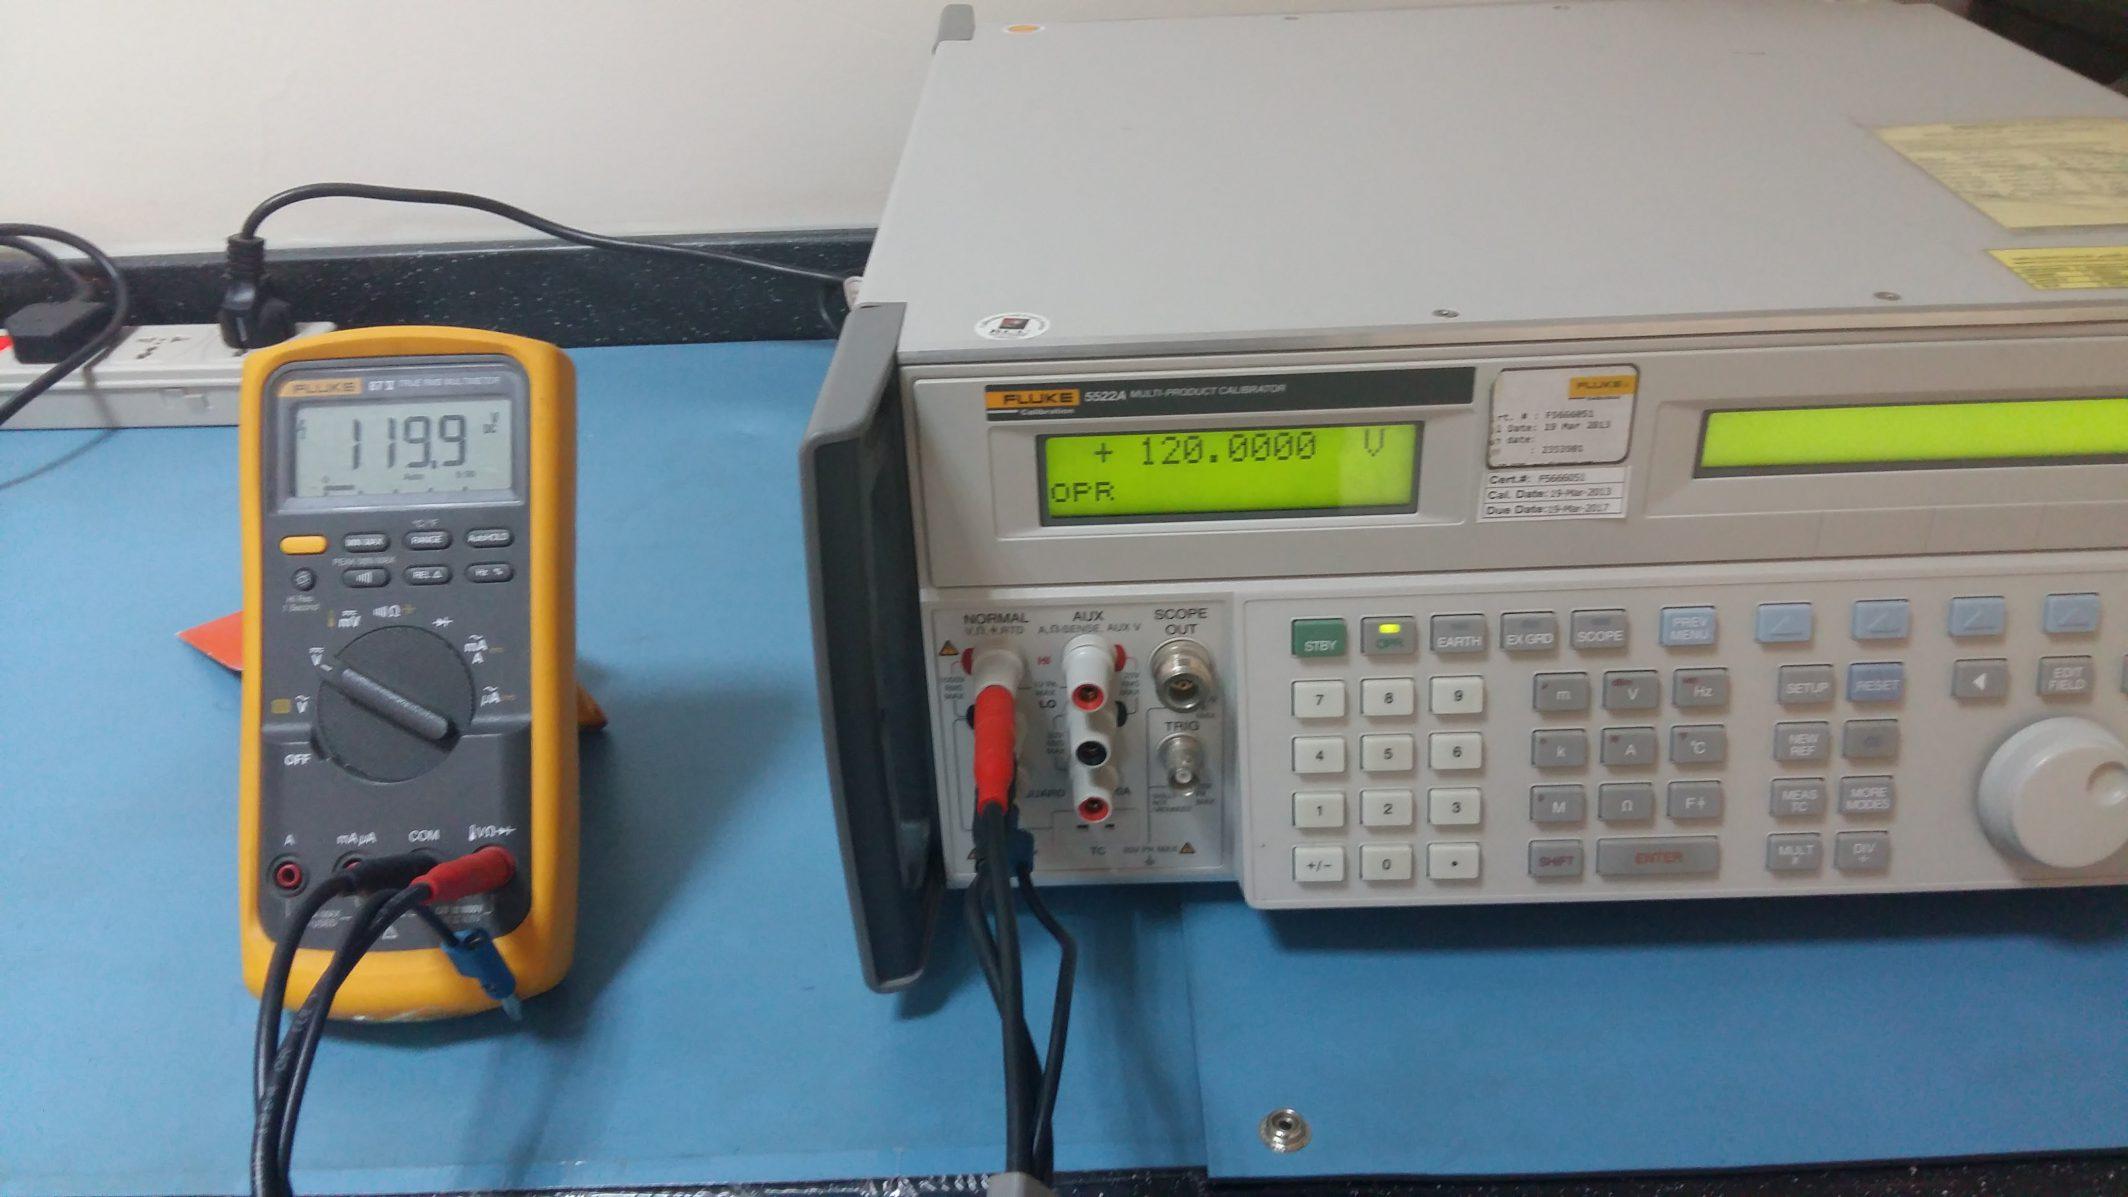 How to Calibrate Fluke 87 Digital Multimeter Using Fluke